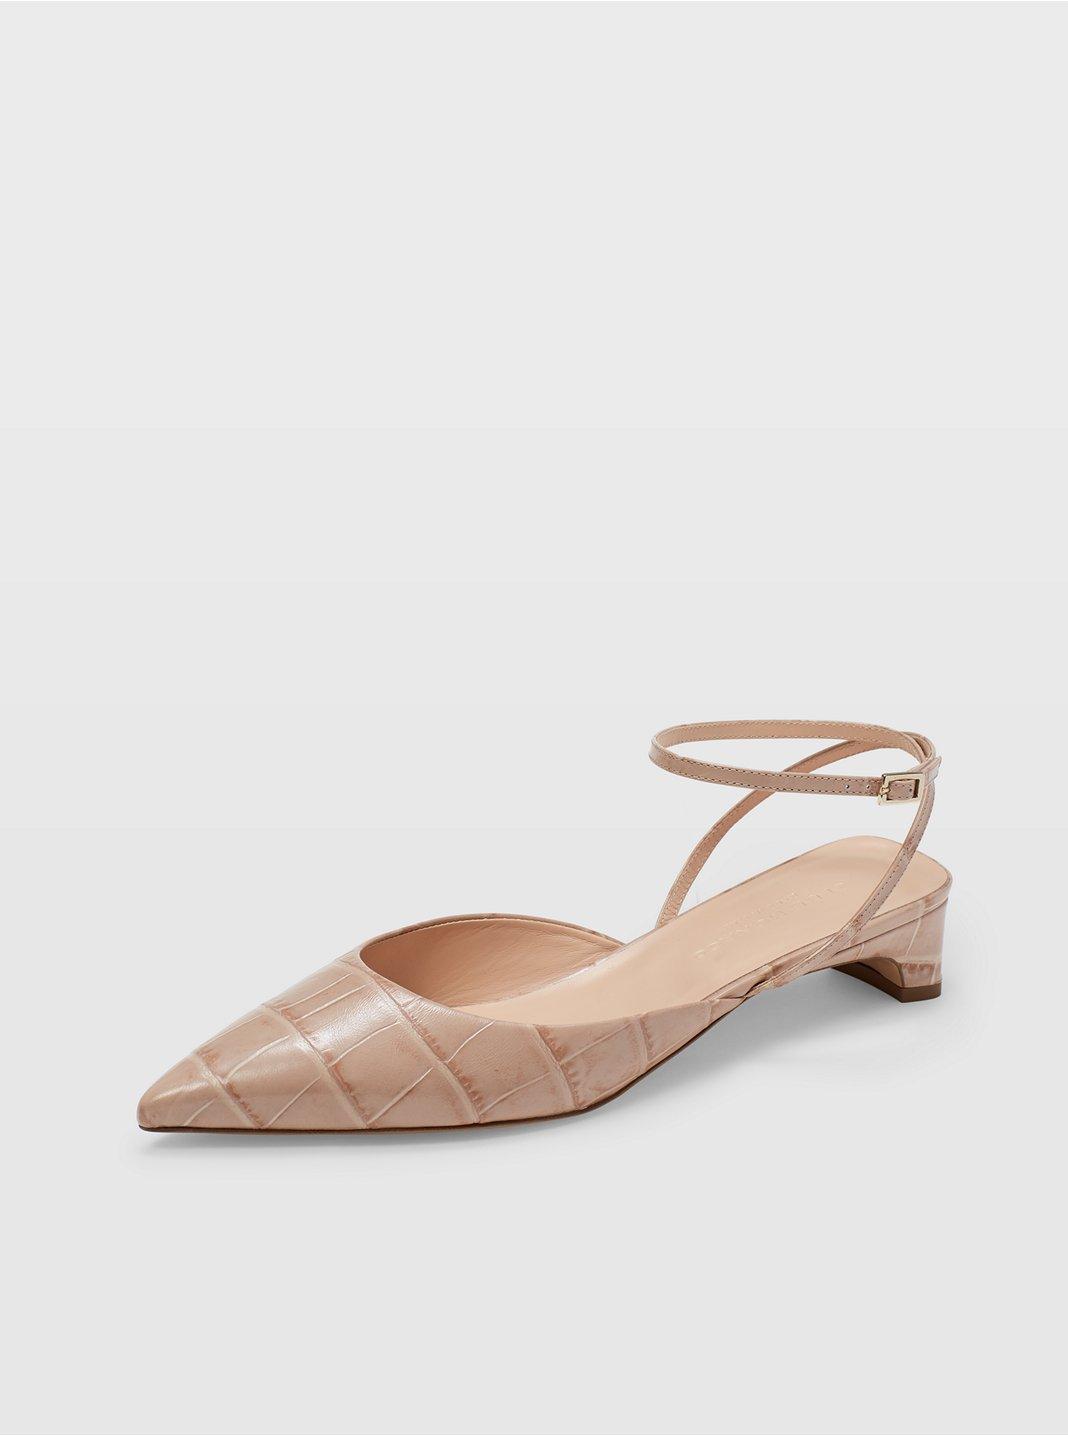 Ambrah Low-Heel